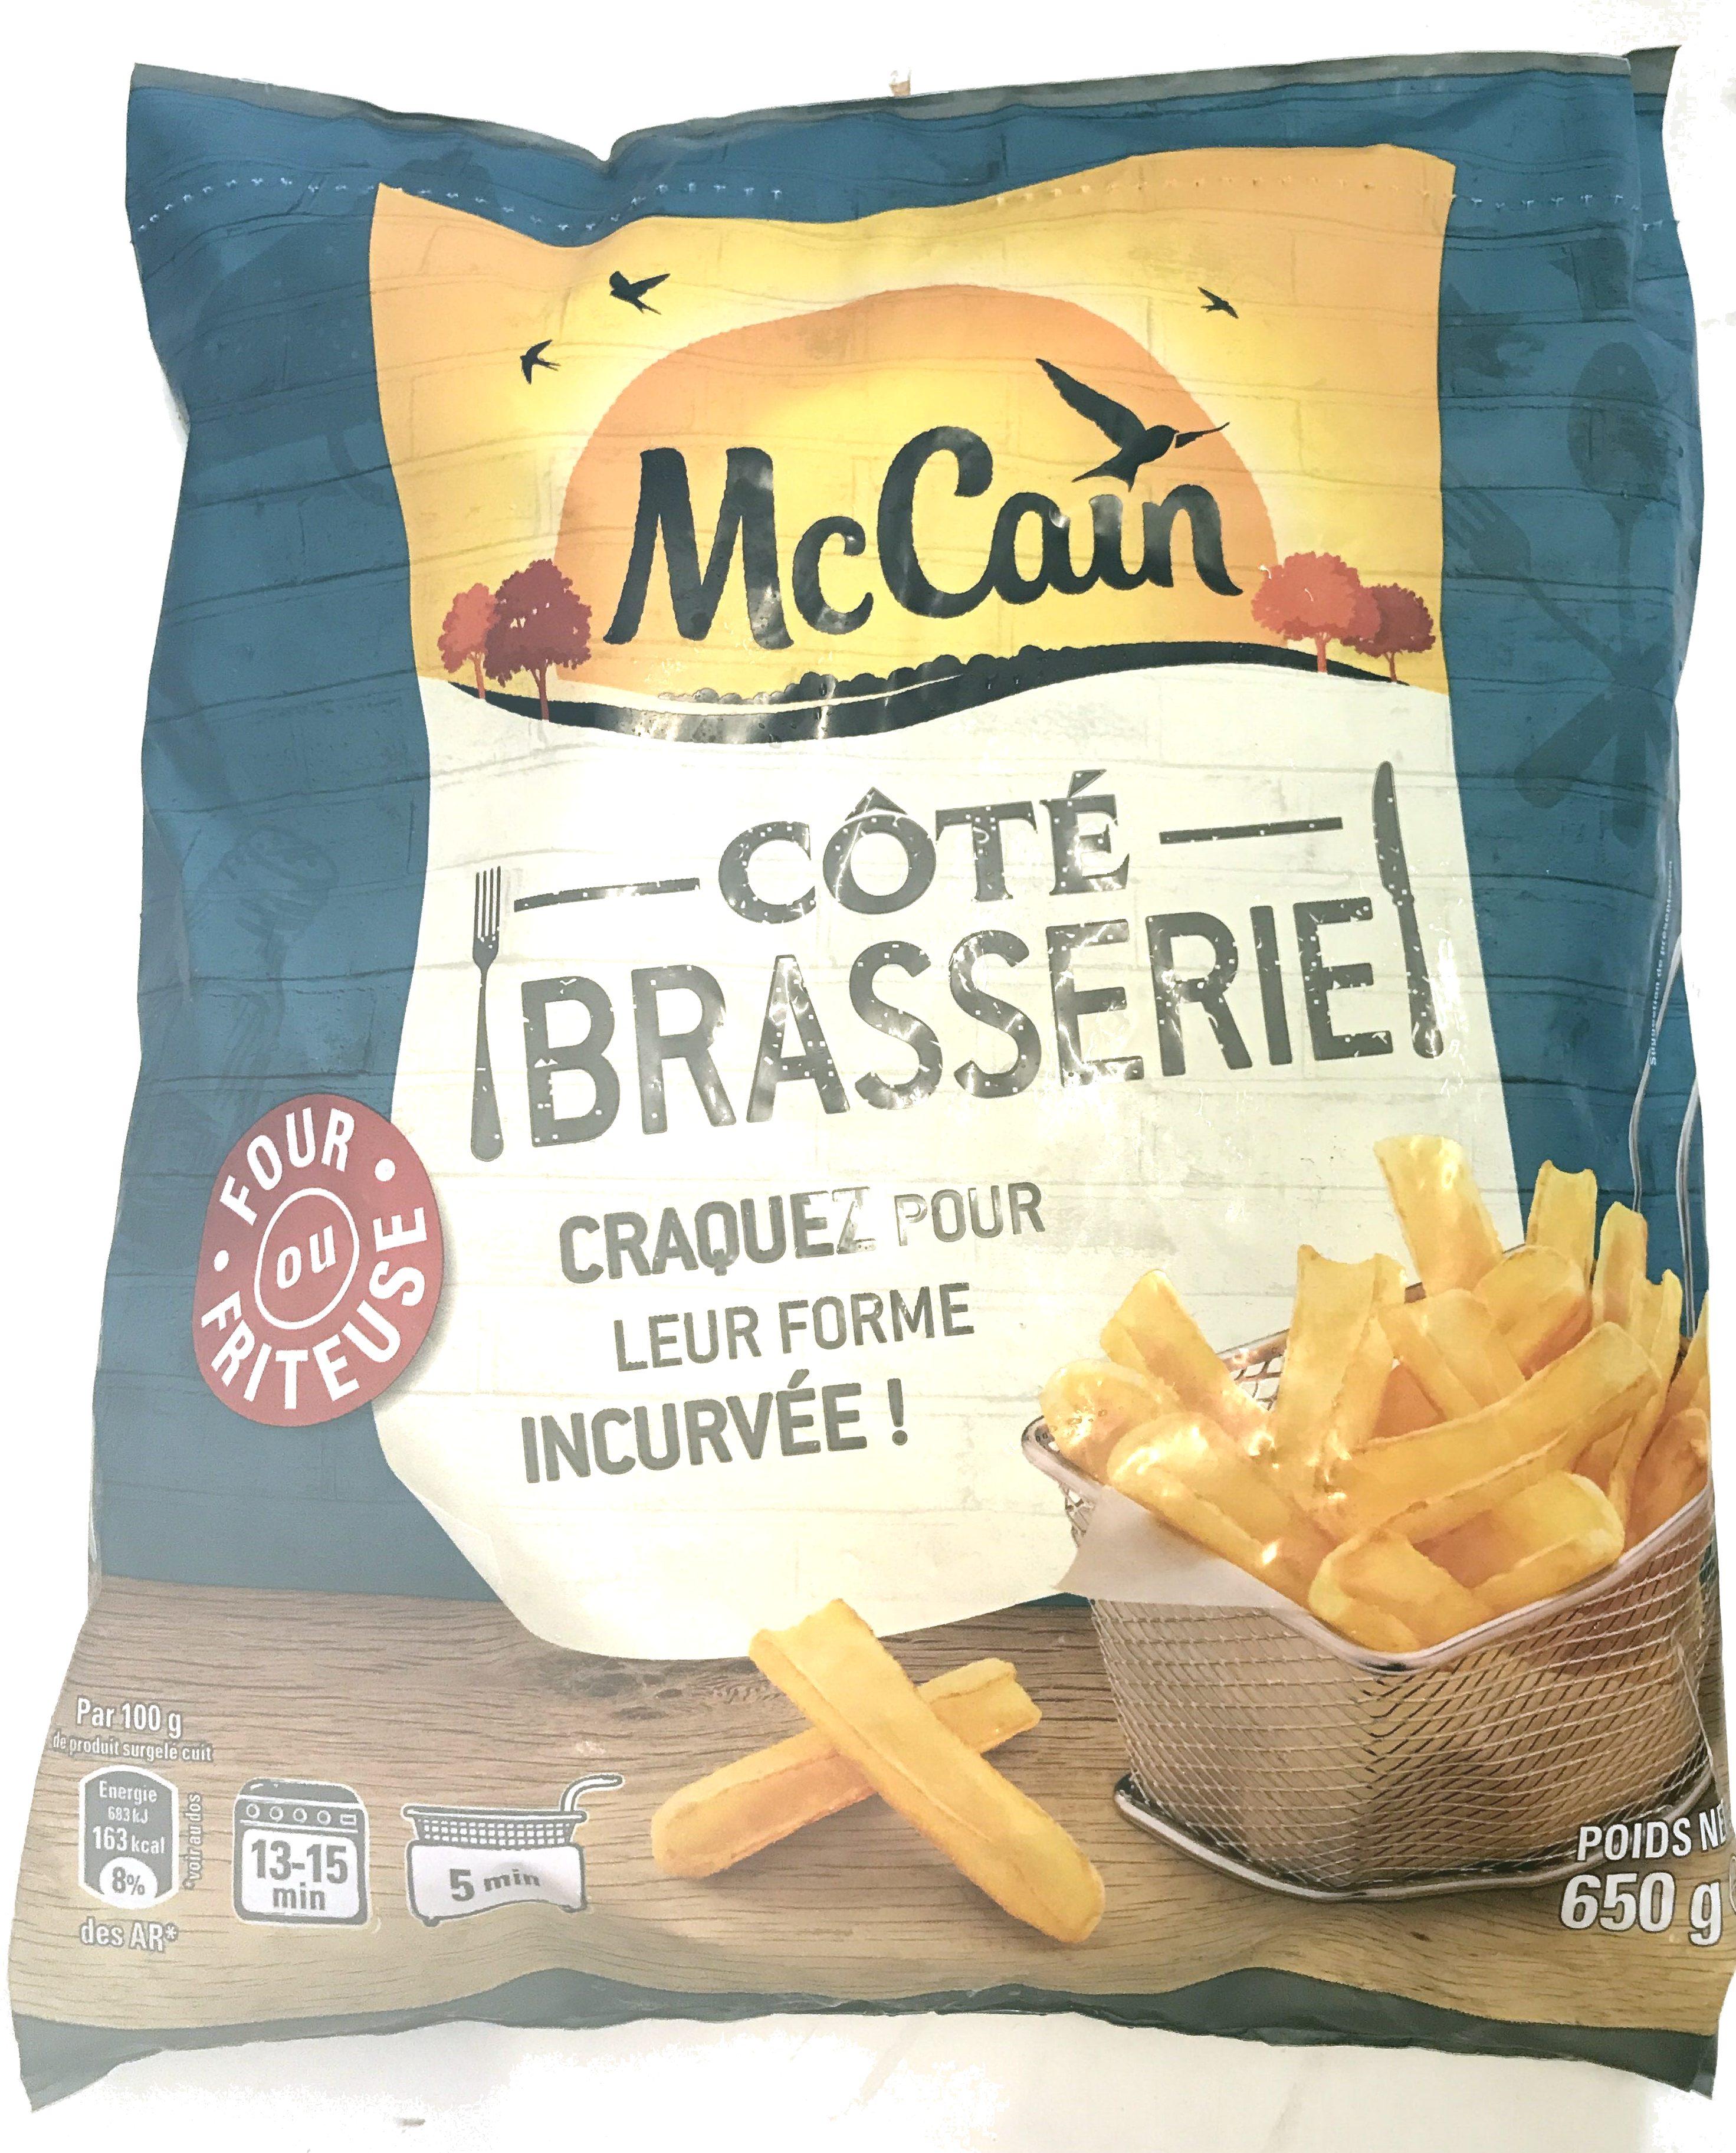 Côté Brasserie - Product - fr